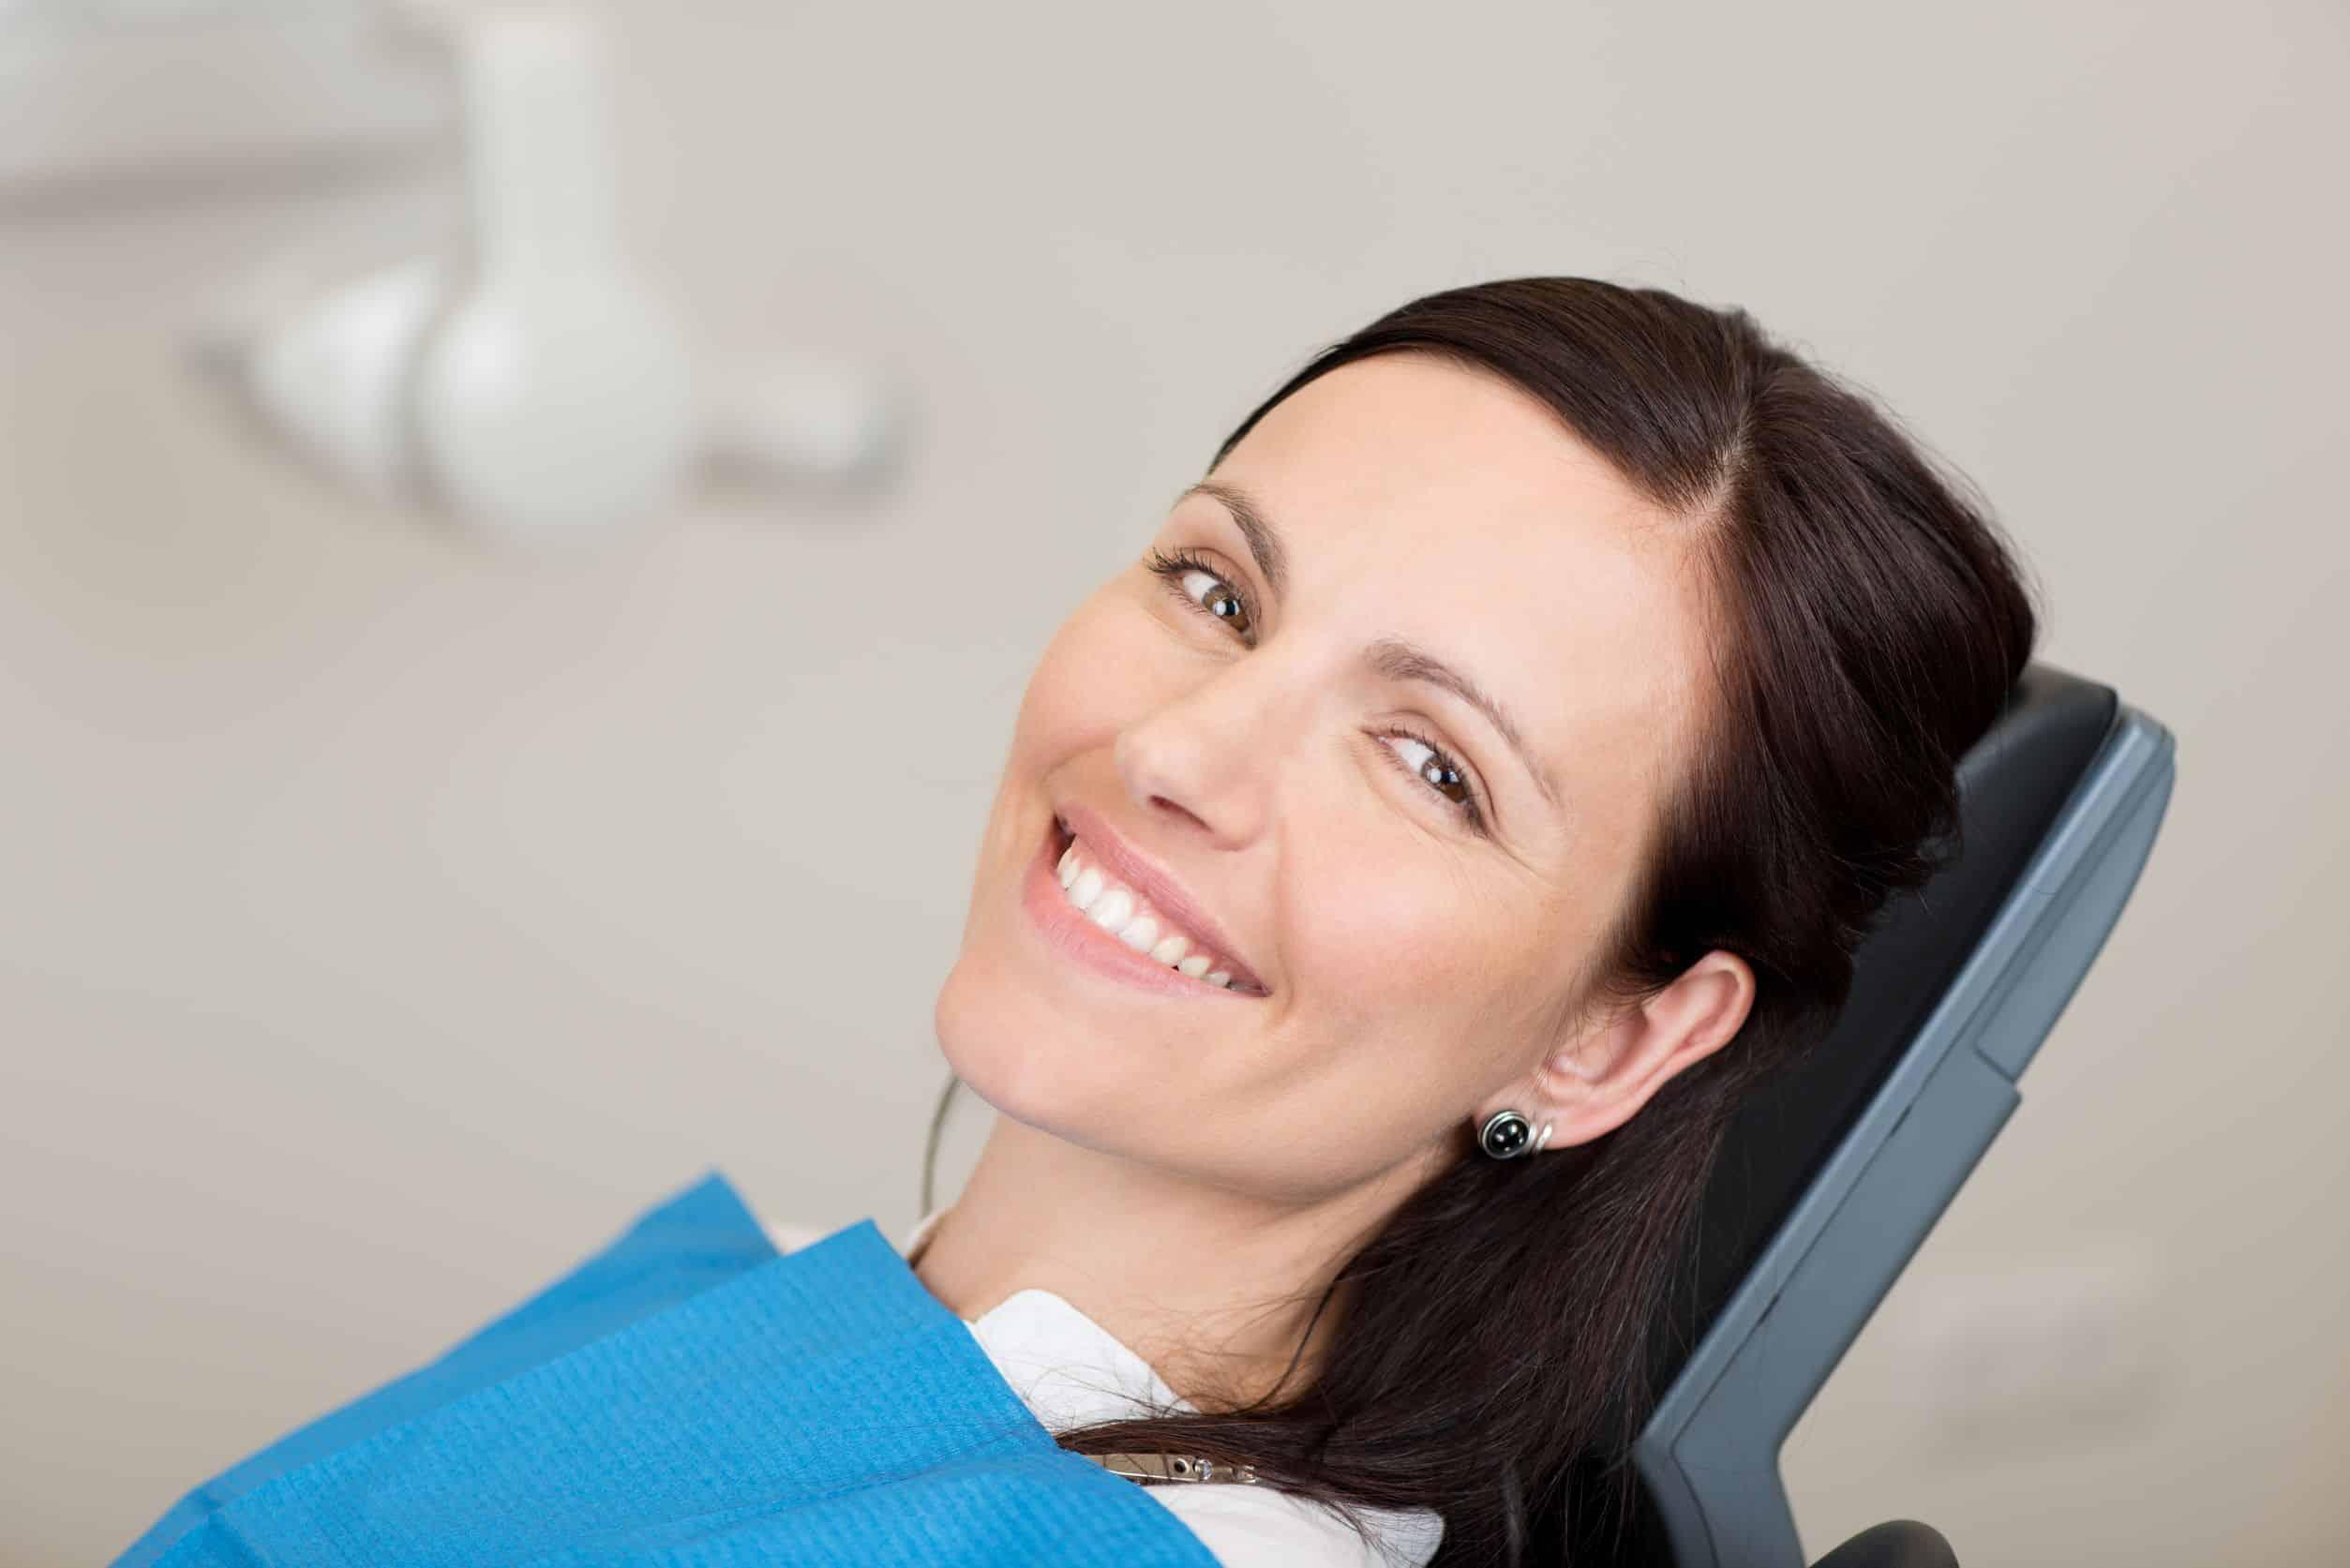 Teeth Whitening in Jenks